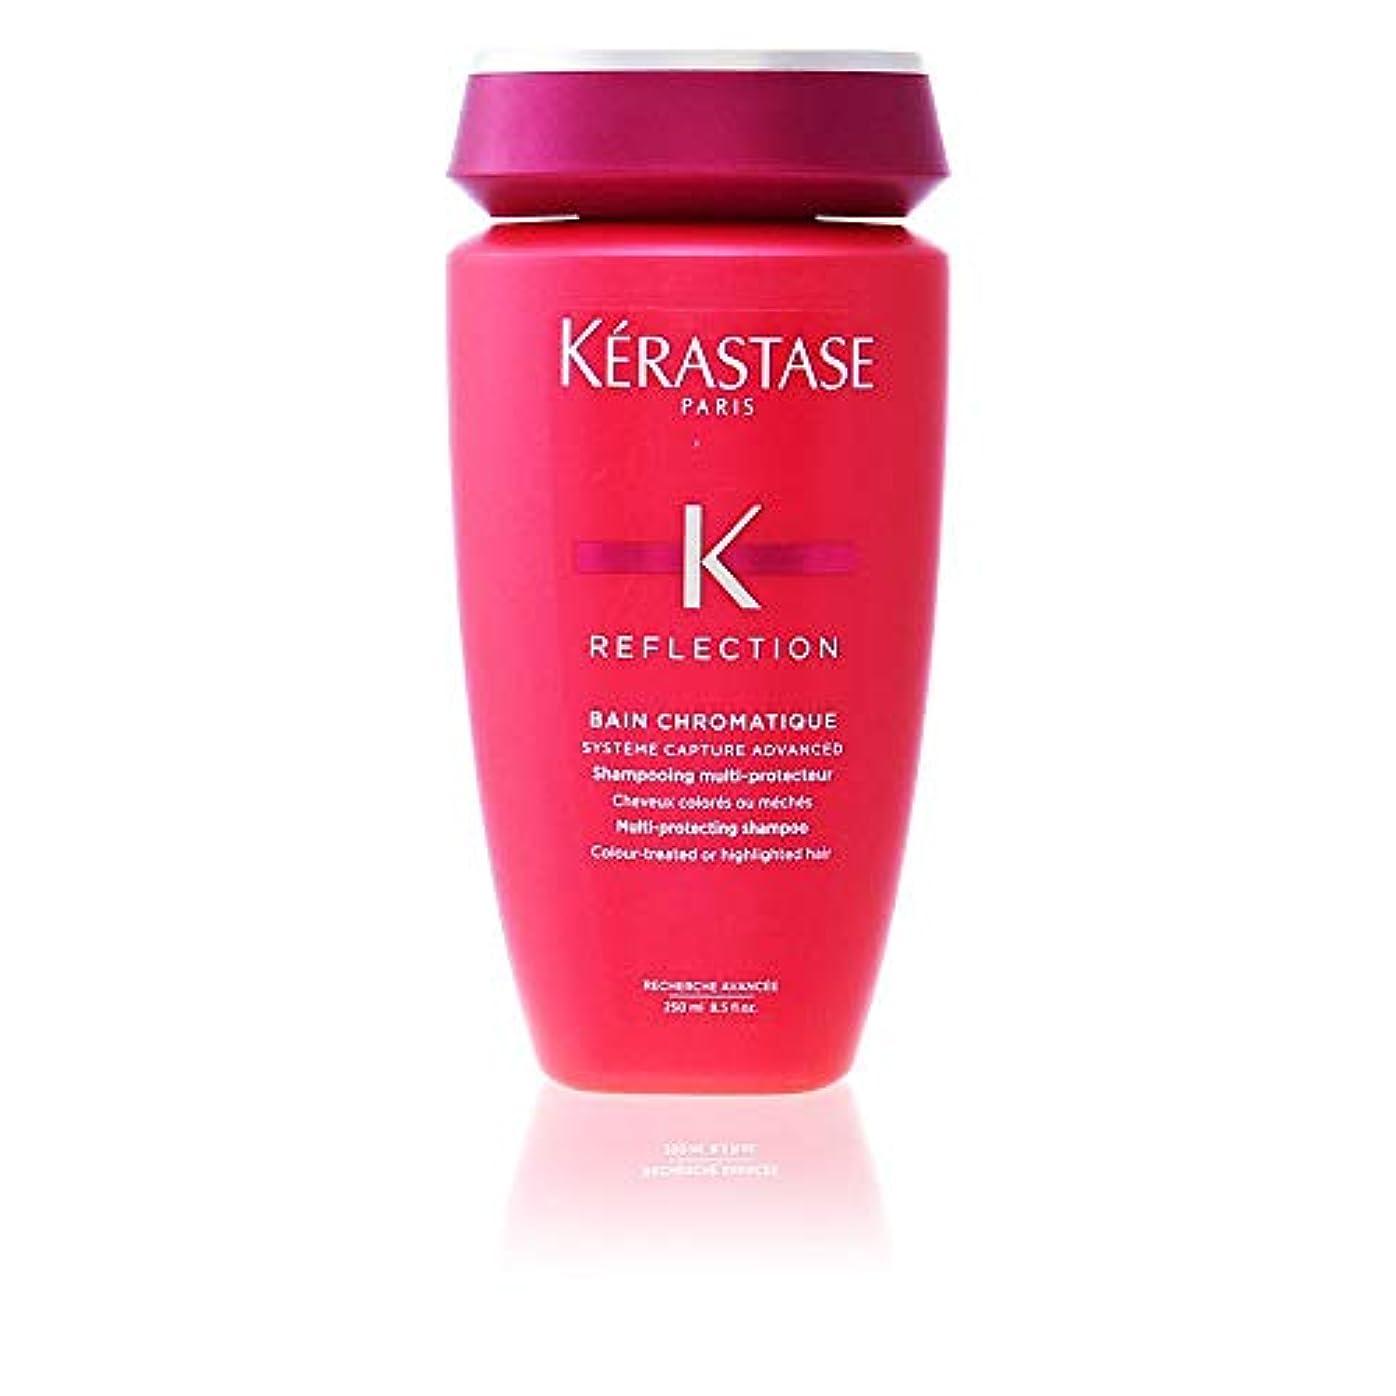 老朽化した適合レタスケラスターゼ Reflection Bain Chromatique Multi-Protecting Shampoo (Colour-Treated or Highlighted Hair) 250ml/8.5oz並行輸入品